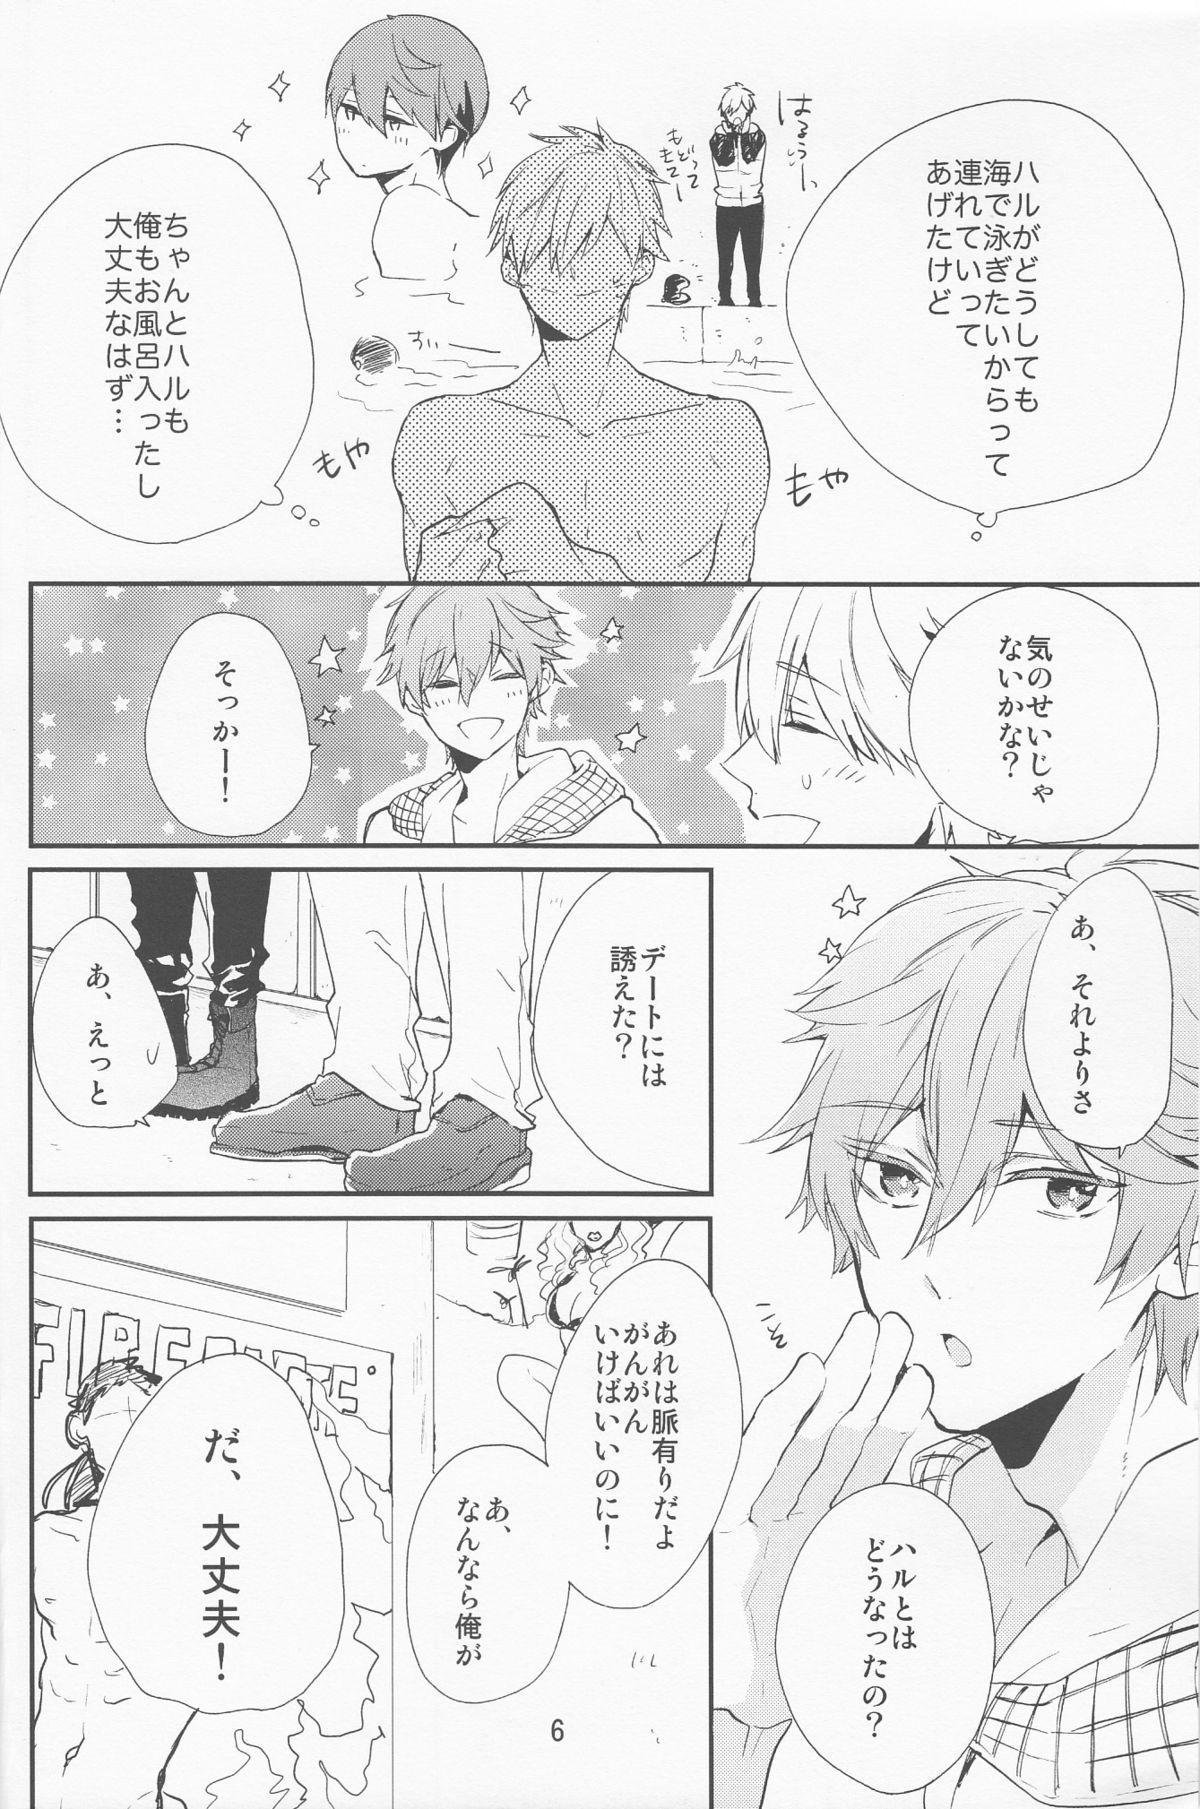 Shouboushi to Ningyo no Hon. 4